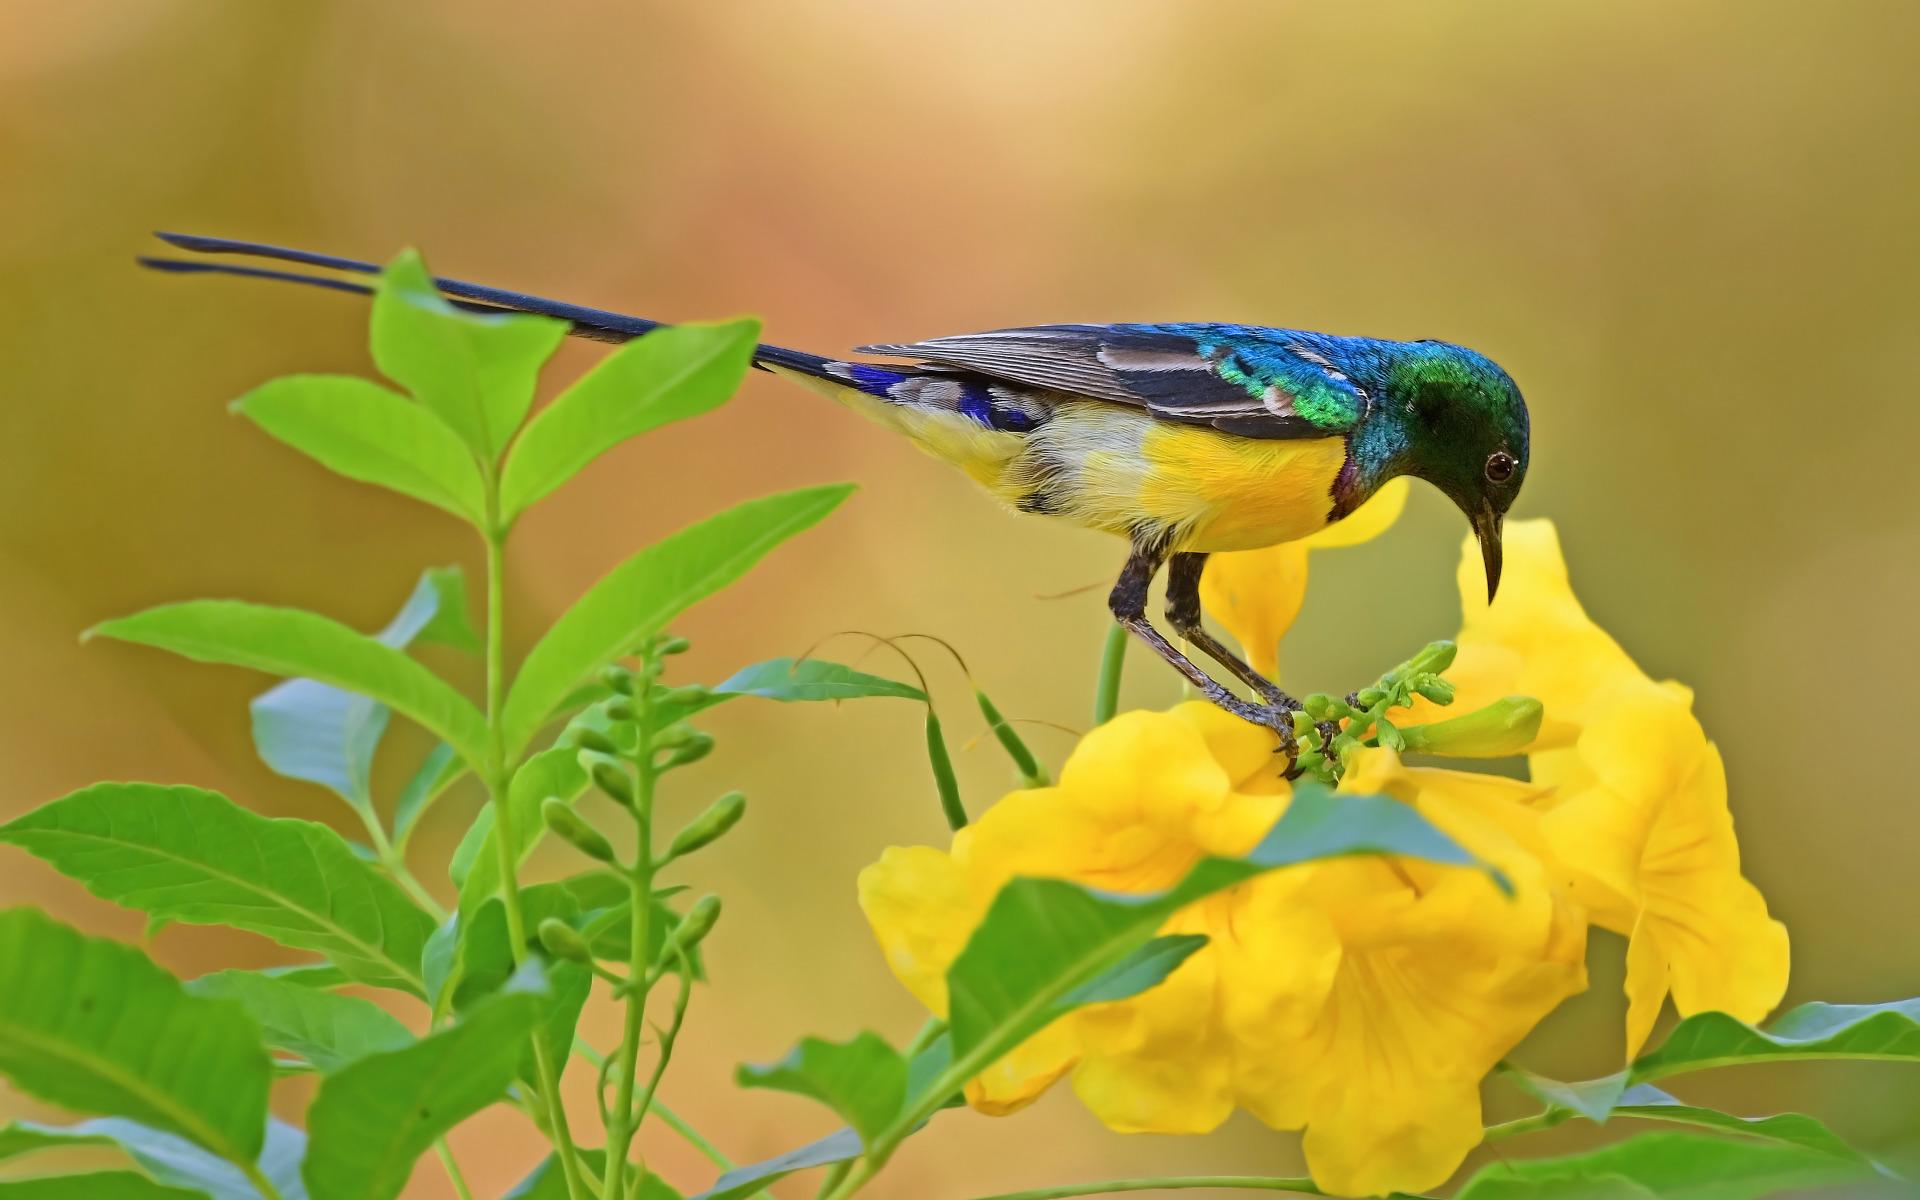 Скворцы перелетные птицы или нет звезда телевидения